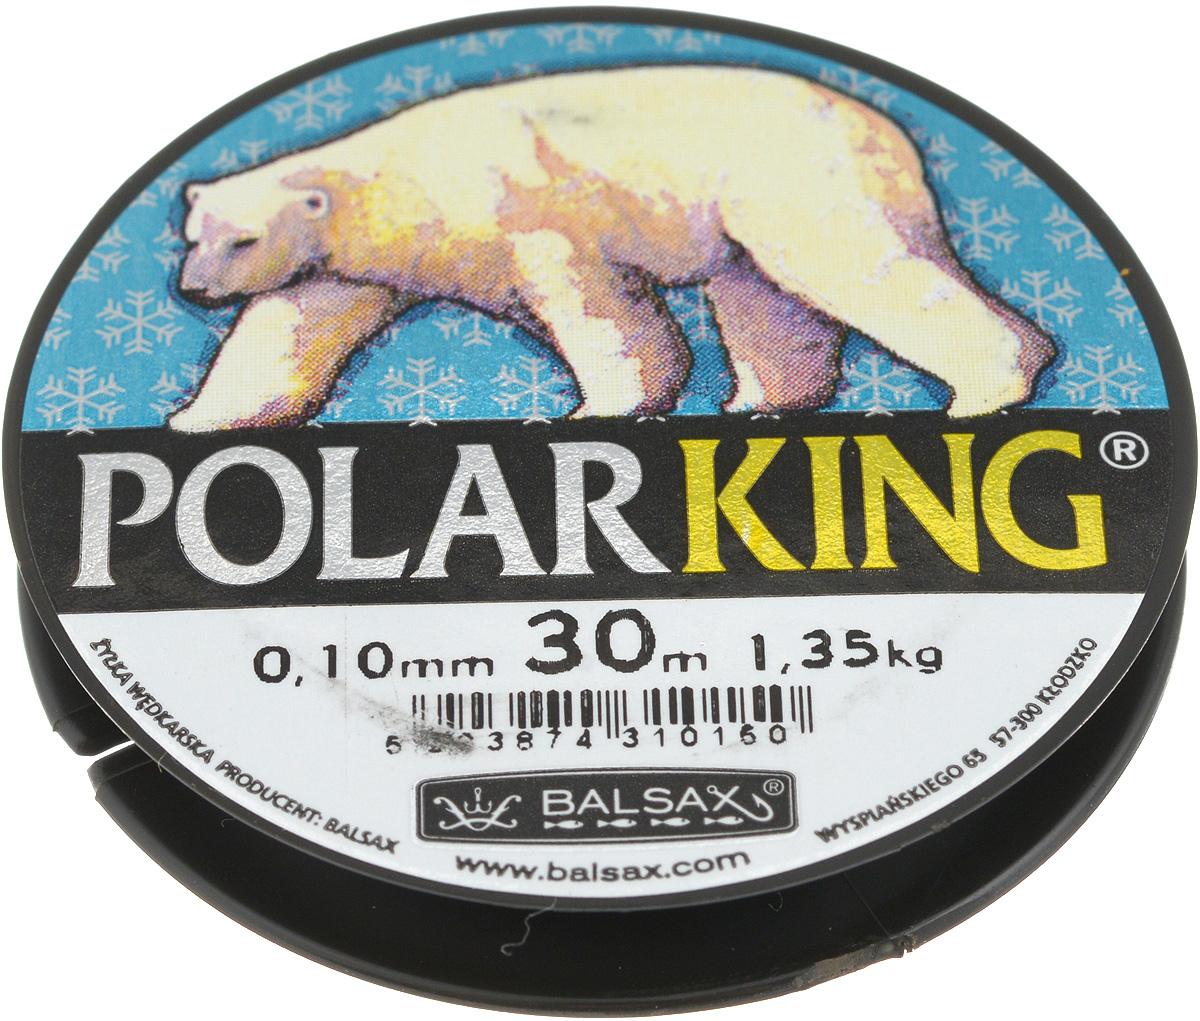 Леска зимняя Balsax Polar King, 30 м, 0,10 мм, 1,35 кг306-00025Леска Balsax Polar King изготовлена из 100% нейлона и очень хорошо выдерживает низкие температуры. Даже в самом холодном климате, при температуре вплоть до -40°C, она сохраняет свои свойства практически без изменений, в то время как традиционные лески становятся менее эластичными и теряют прочность.Поверхность лески обработана таким образом, что она не обмерзает и отлично подходит для подледного лова. Прочна в местах вязки узлов даже при минимальном диаметре.